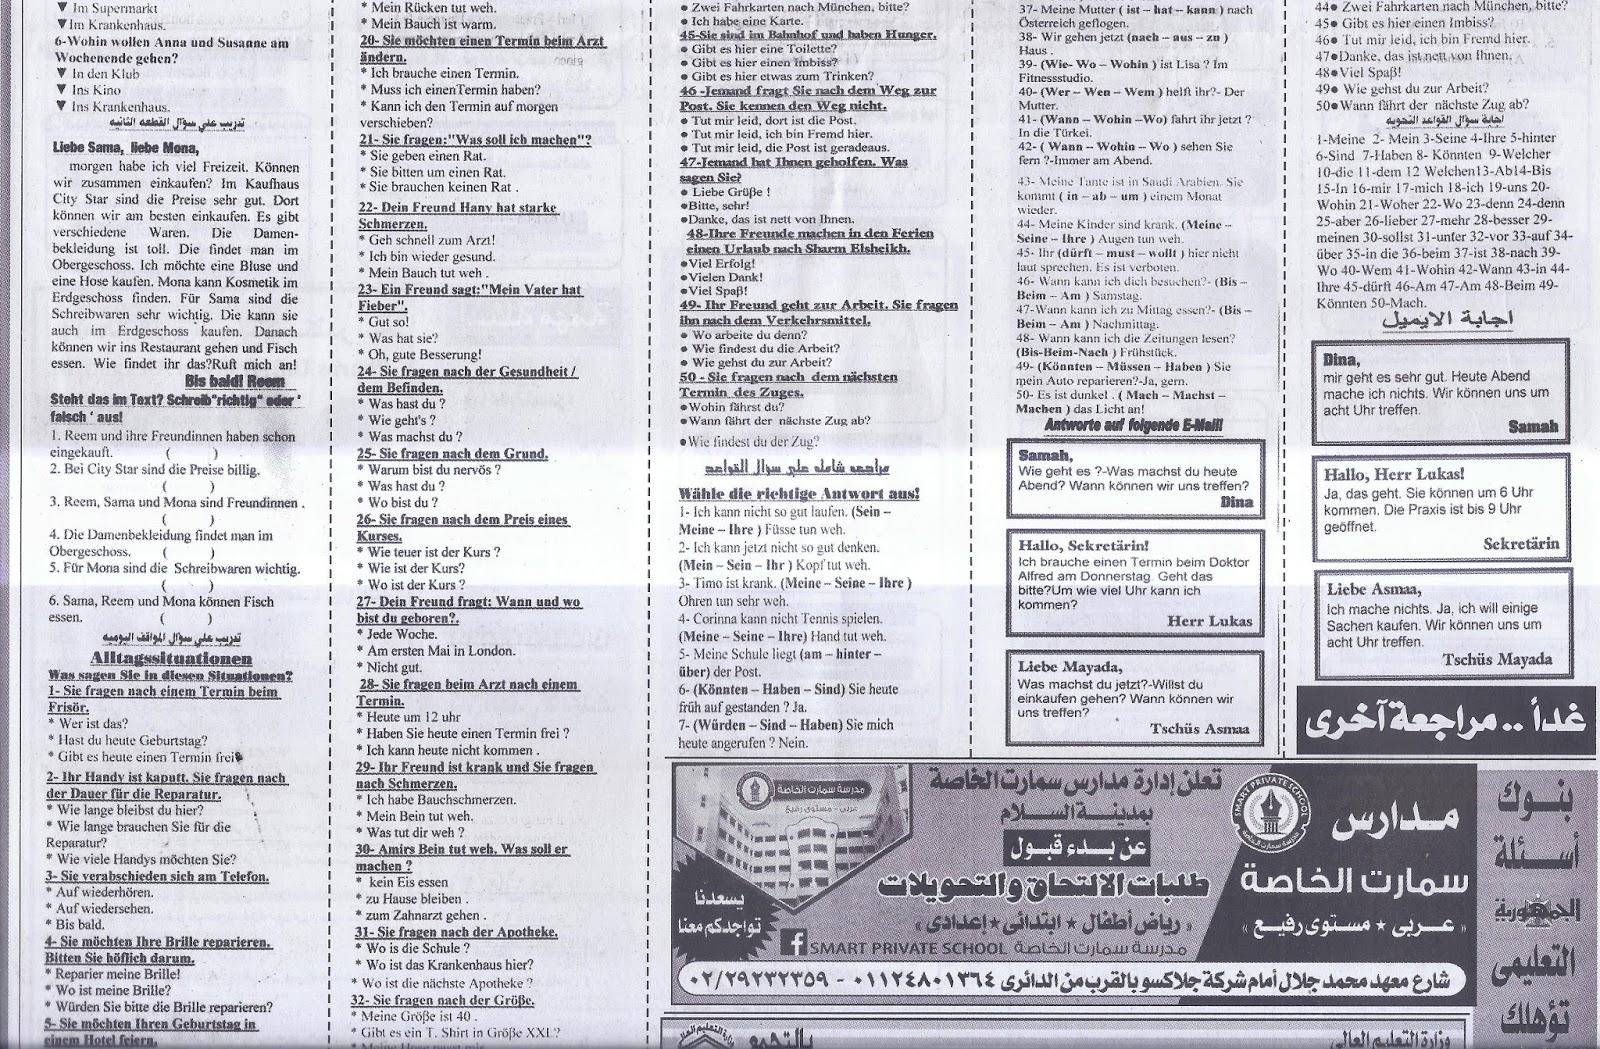 مراجعة اللغة الالمانية رقم (1) للثانوية العامة.. ملحق الجمهورية 4